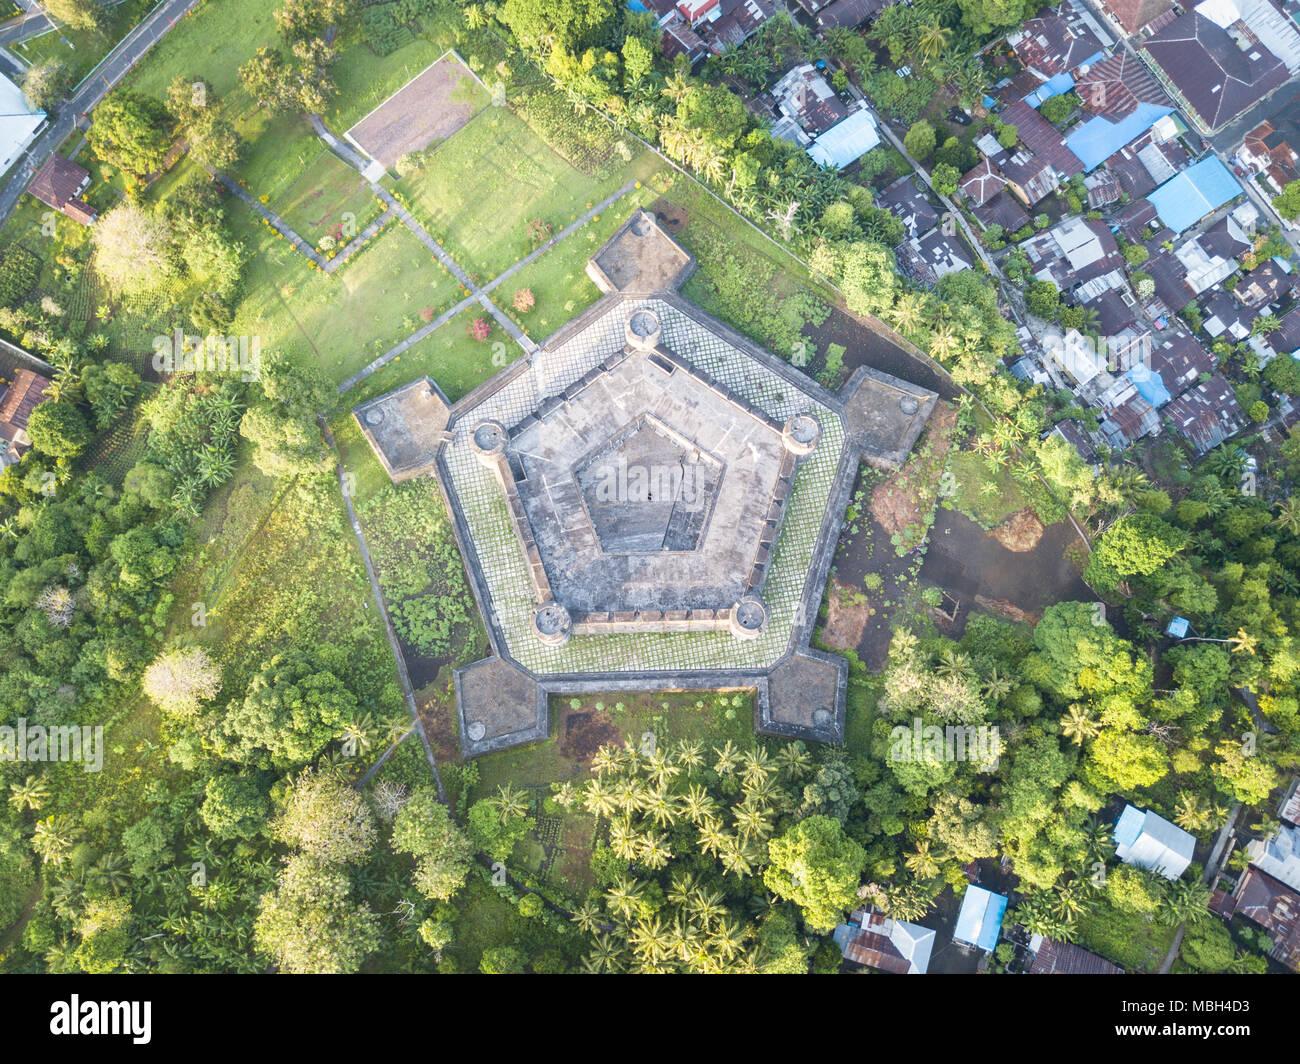 Forte di Nassau fu costruito dagli olandesi sulla banda Neira nella banda del mare. Questa remota regione si trova nel triangolo di corallo e presenta una elevata biodiversità marina. Immagini Stock